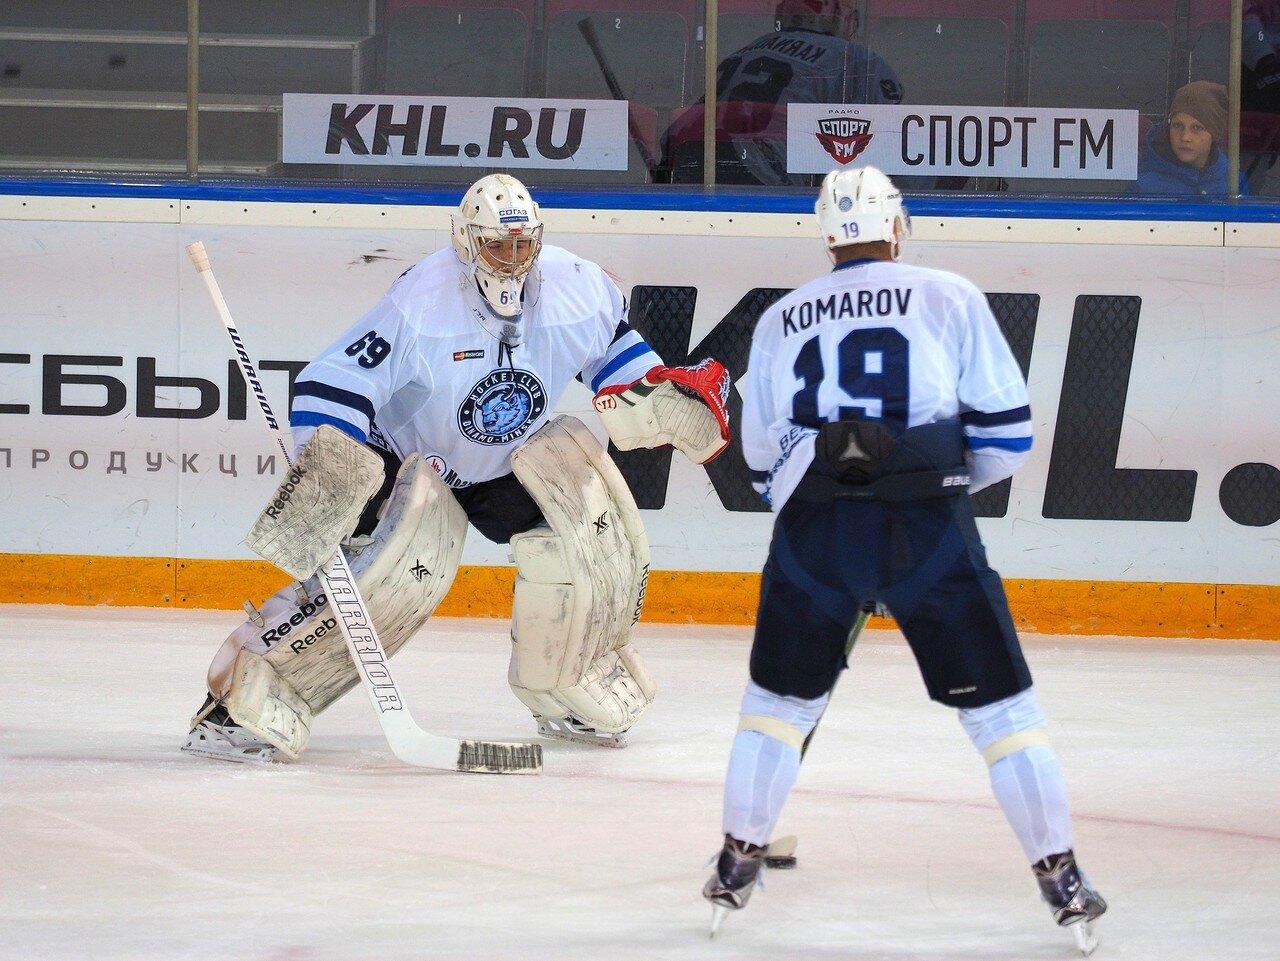 32Металлург - Динамо Минск 13.09.2016